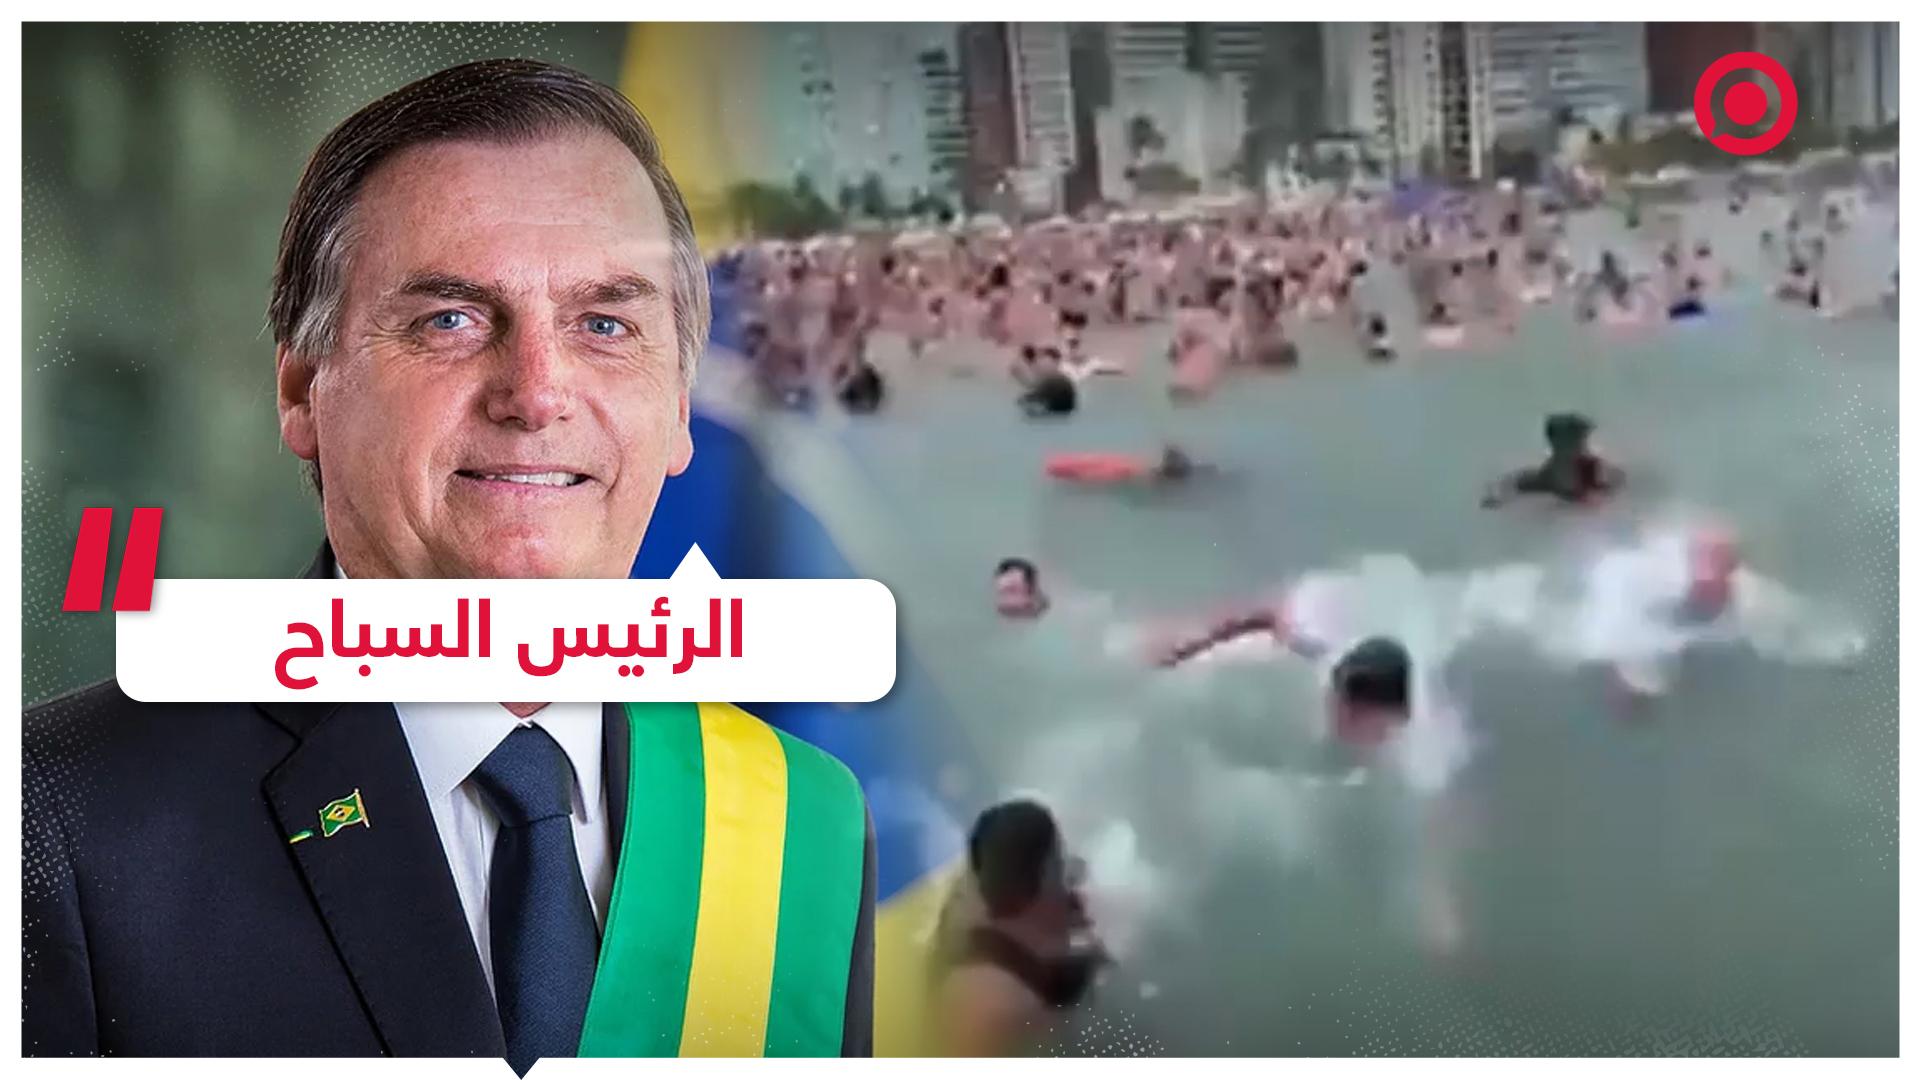 شورت -الرئيس البرازيلي يفاجئ المتنزهين على الشاطئ